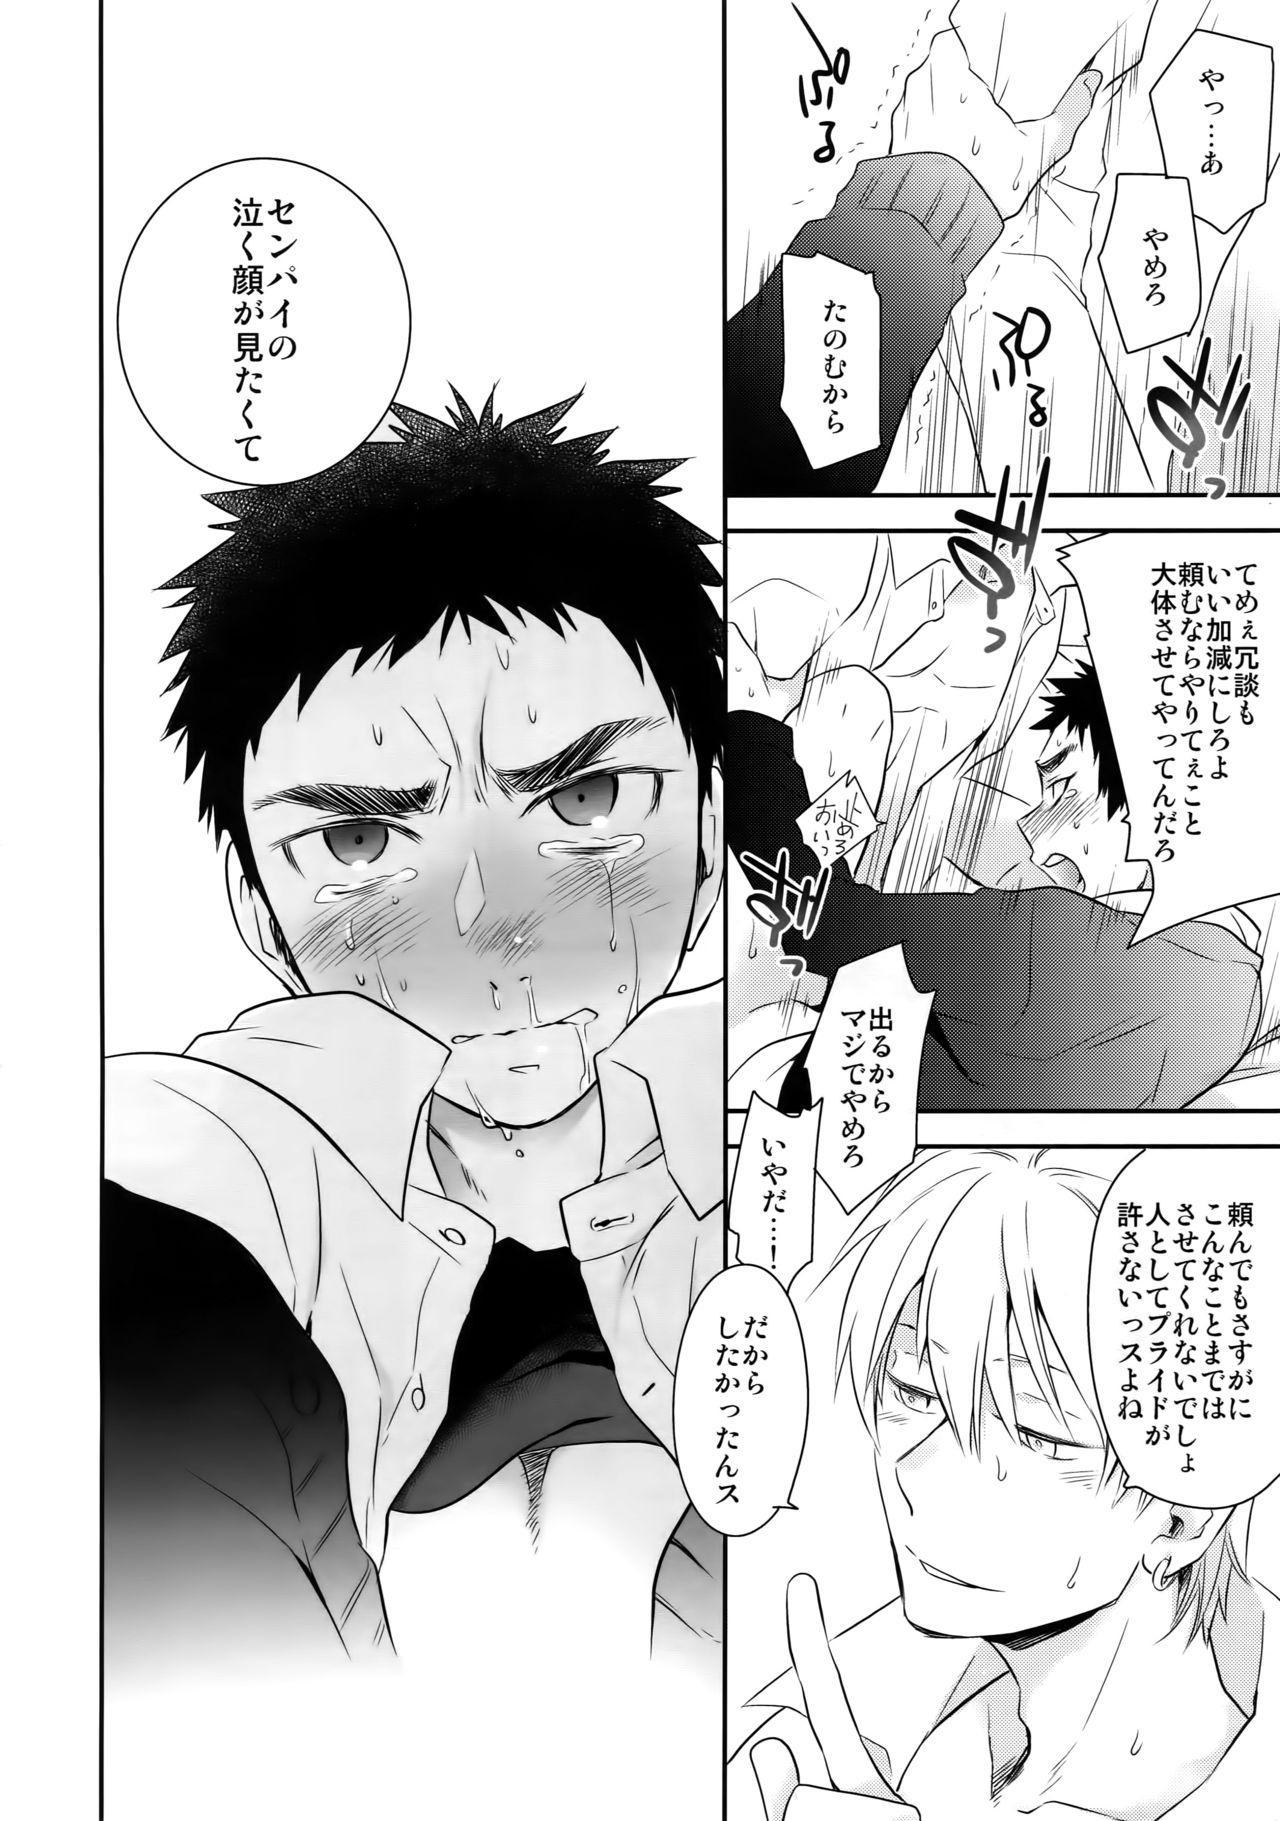 [Bakuchi Jinsei SP (Satsuki Fumi)] Kanpeki Kareshi to Zettai Ryouiki Ouji-sama - Another Version - (Kuroko no Basket) 64